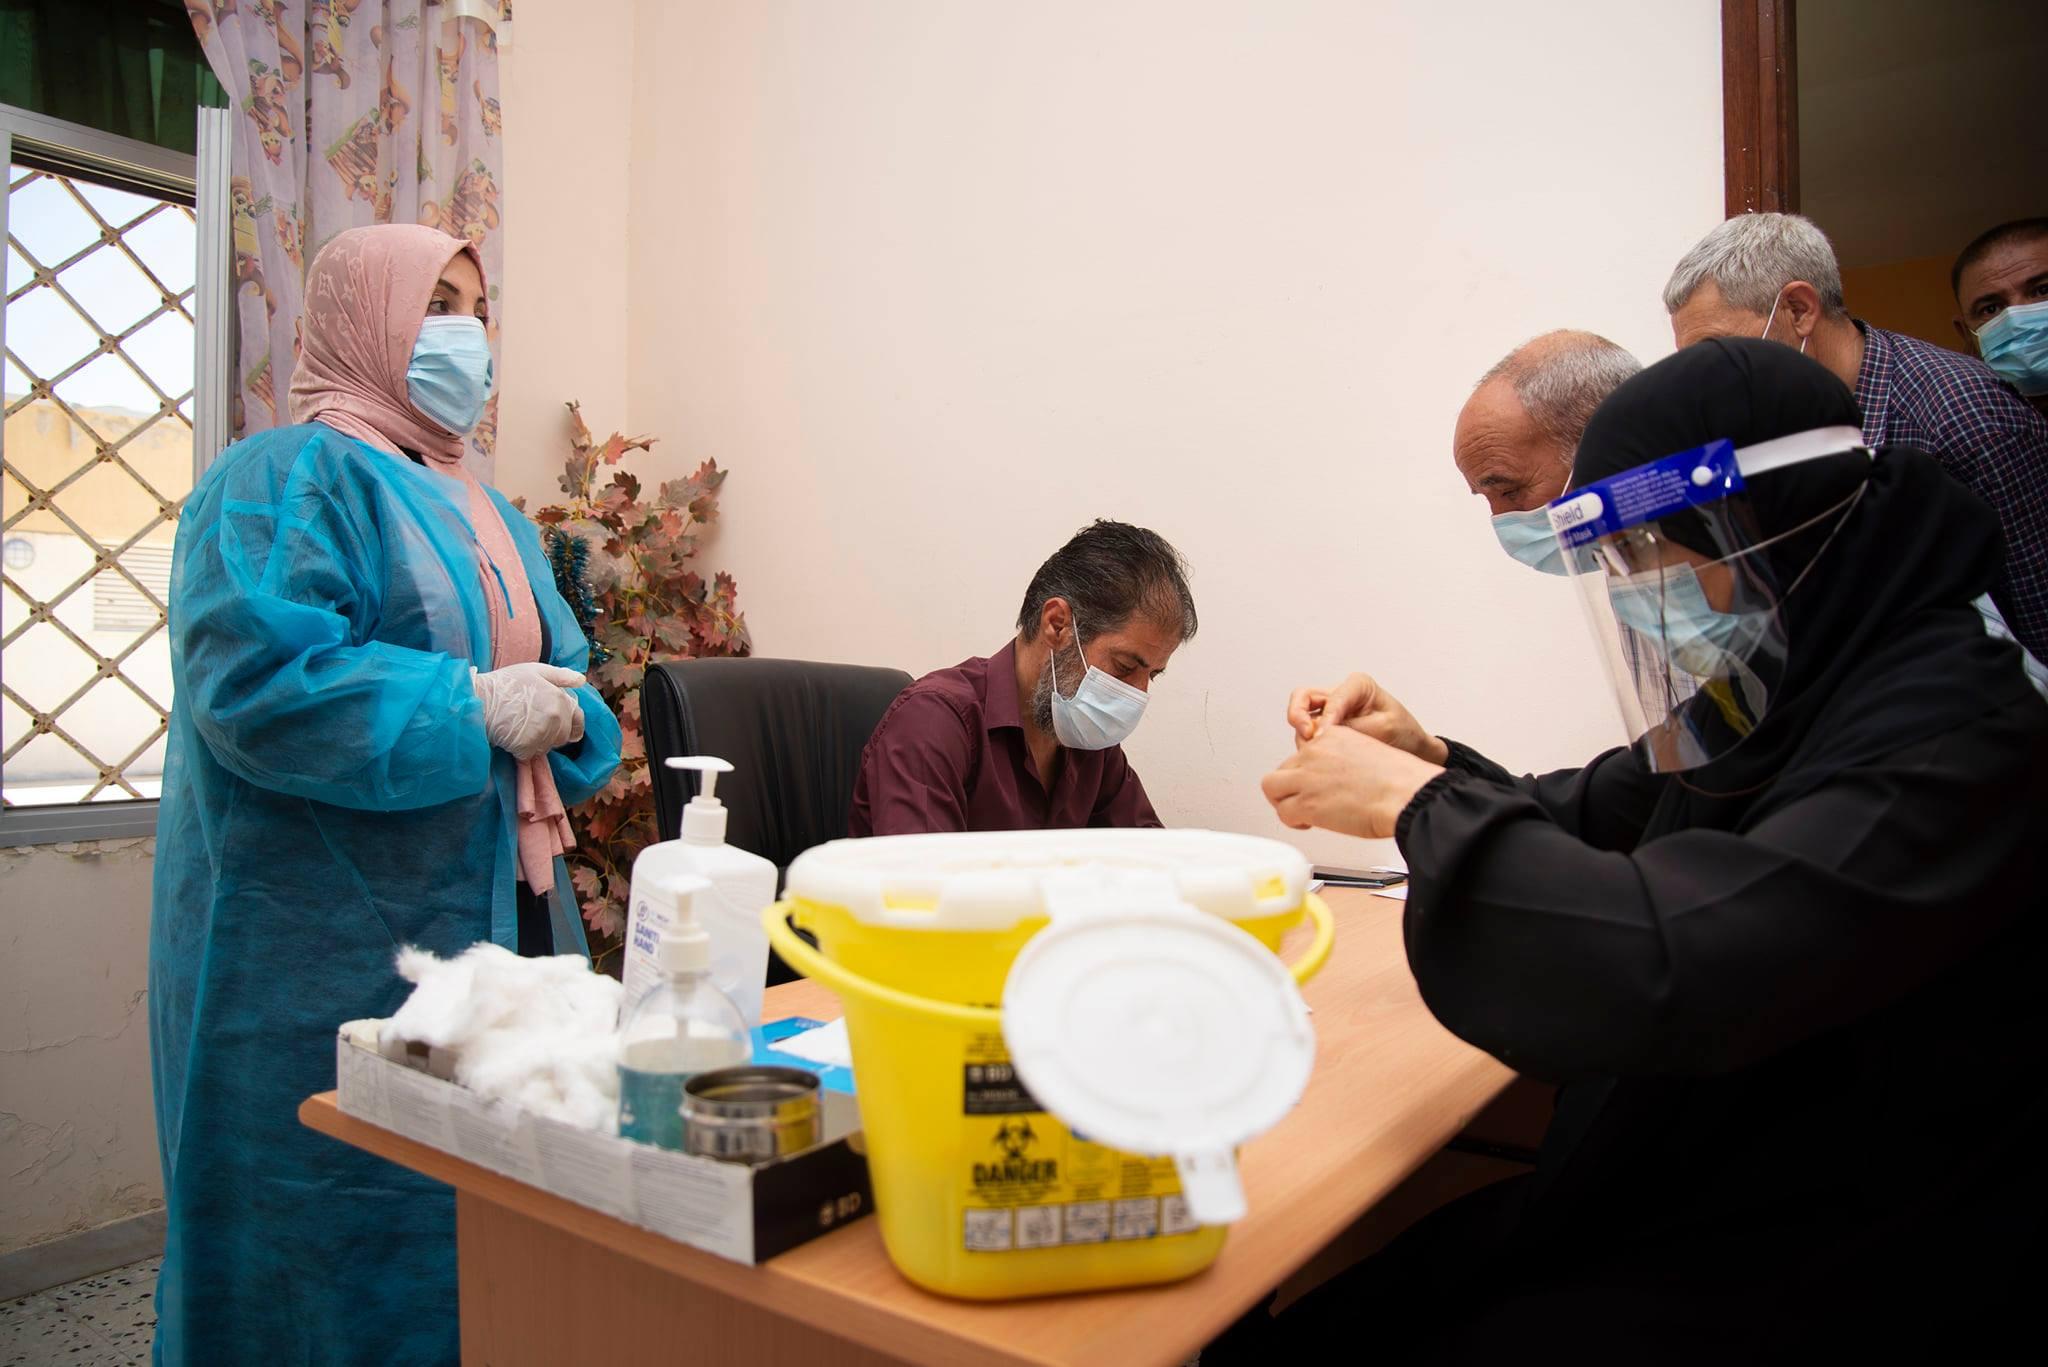 «يونيسف» تُعرب عن قلقها إزاء تصاعد إصابات كورونا في ليبيا